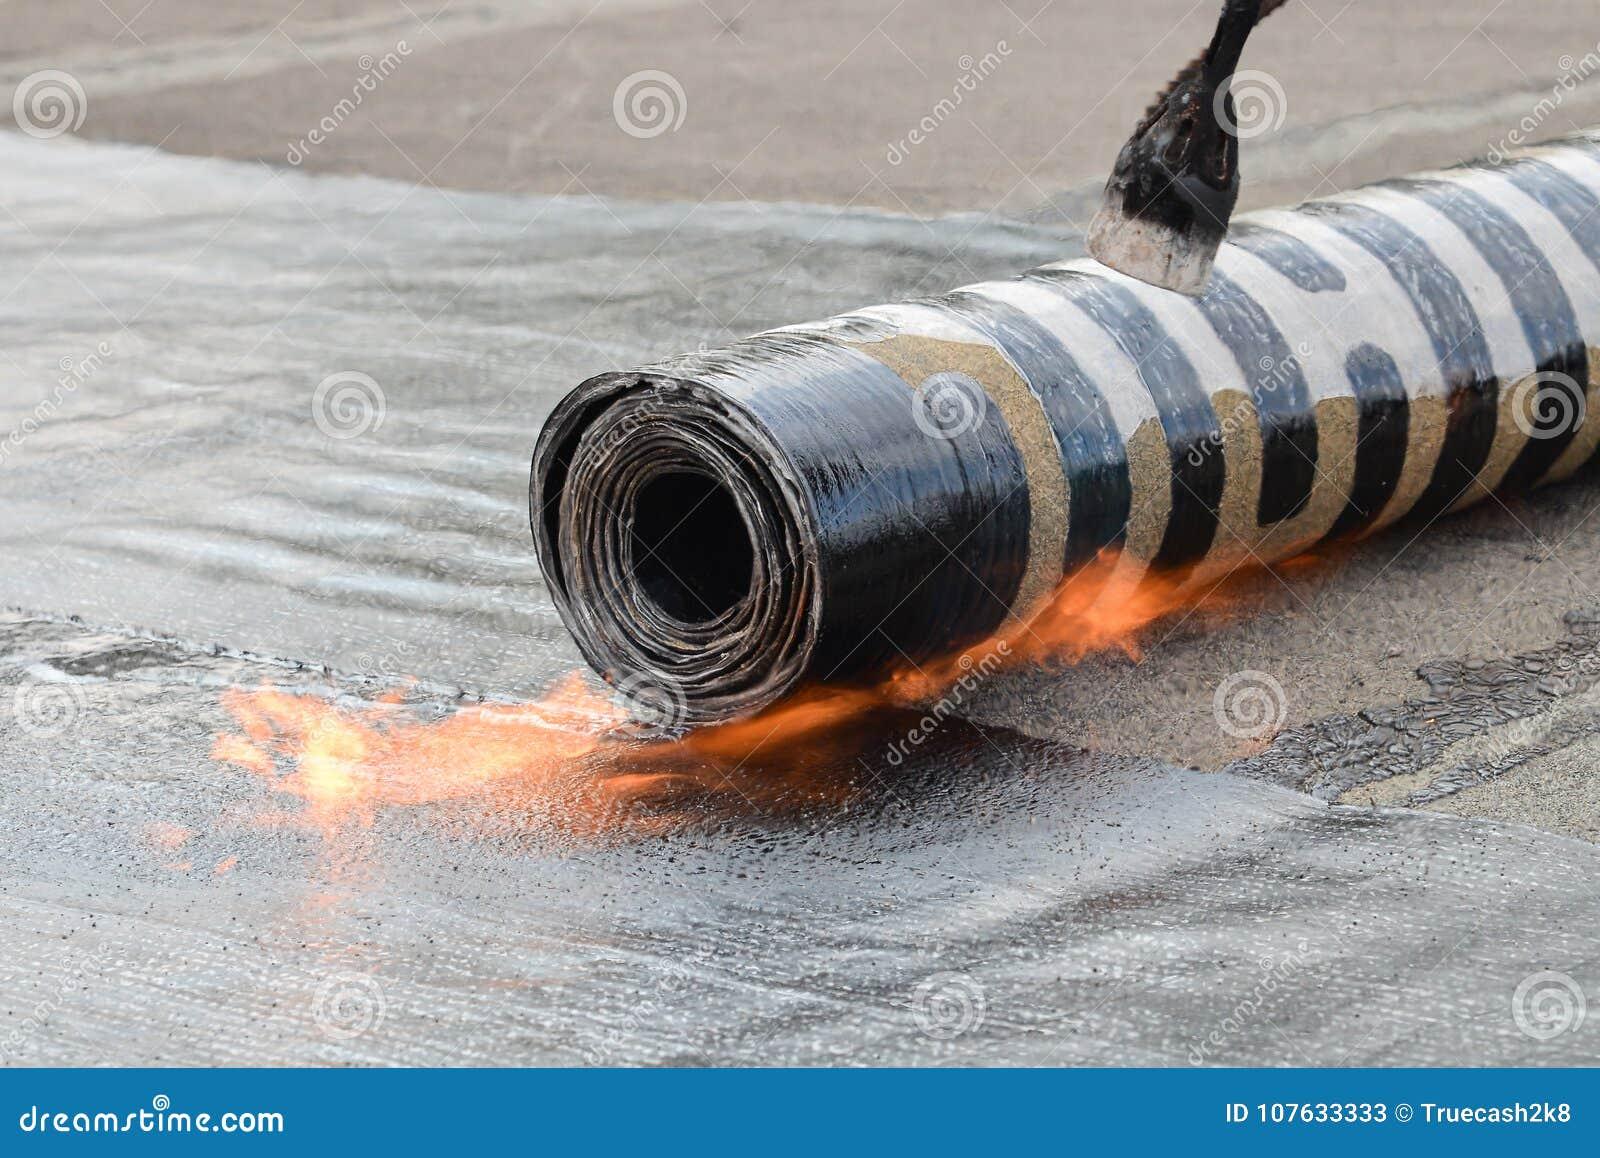 Dekarstwo instalacja czująca z ogrzewaniem i roztapiającą bitum rolką pochodnią na płomieniu, zbliżenie szczegółu krótkopęd